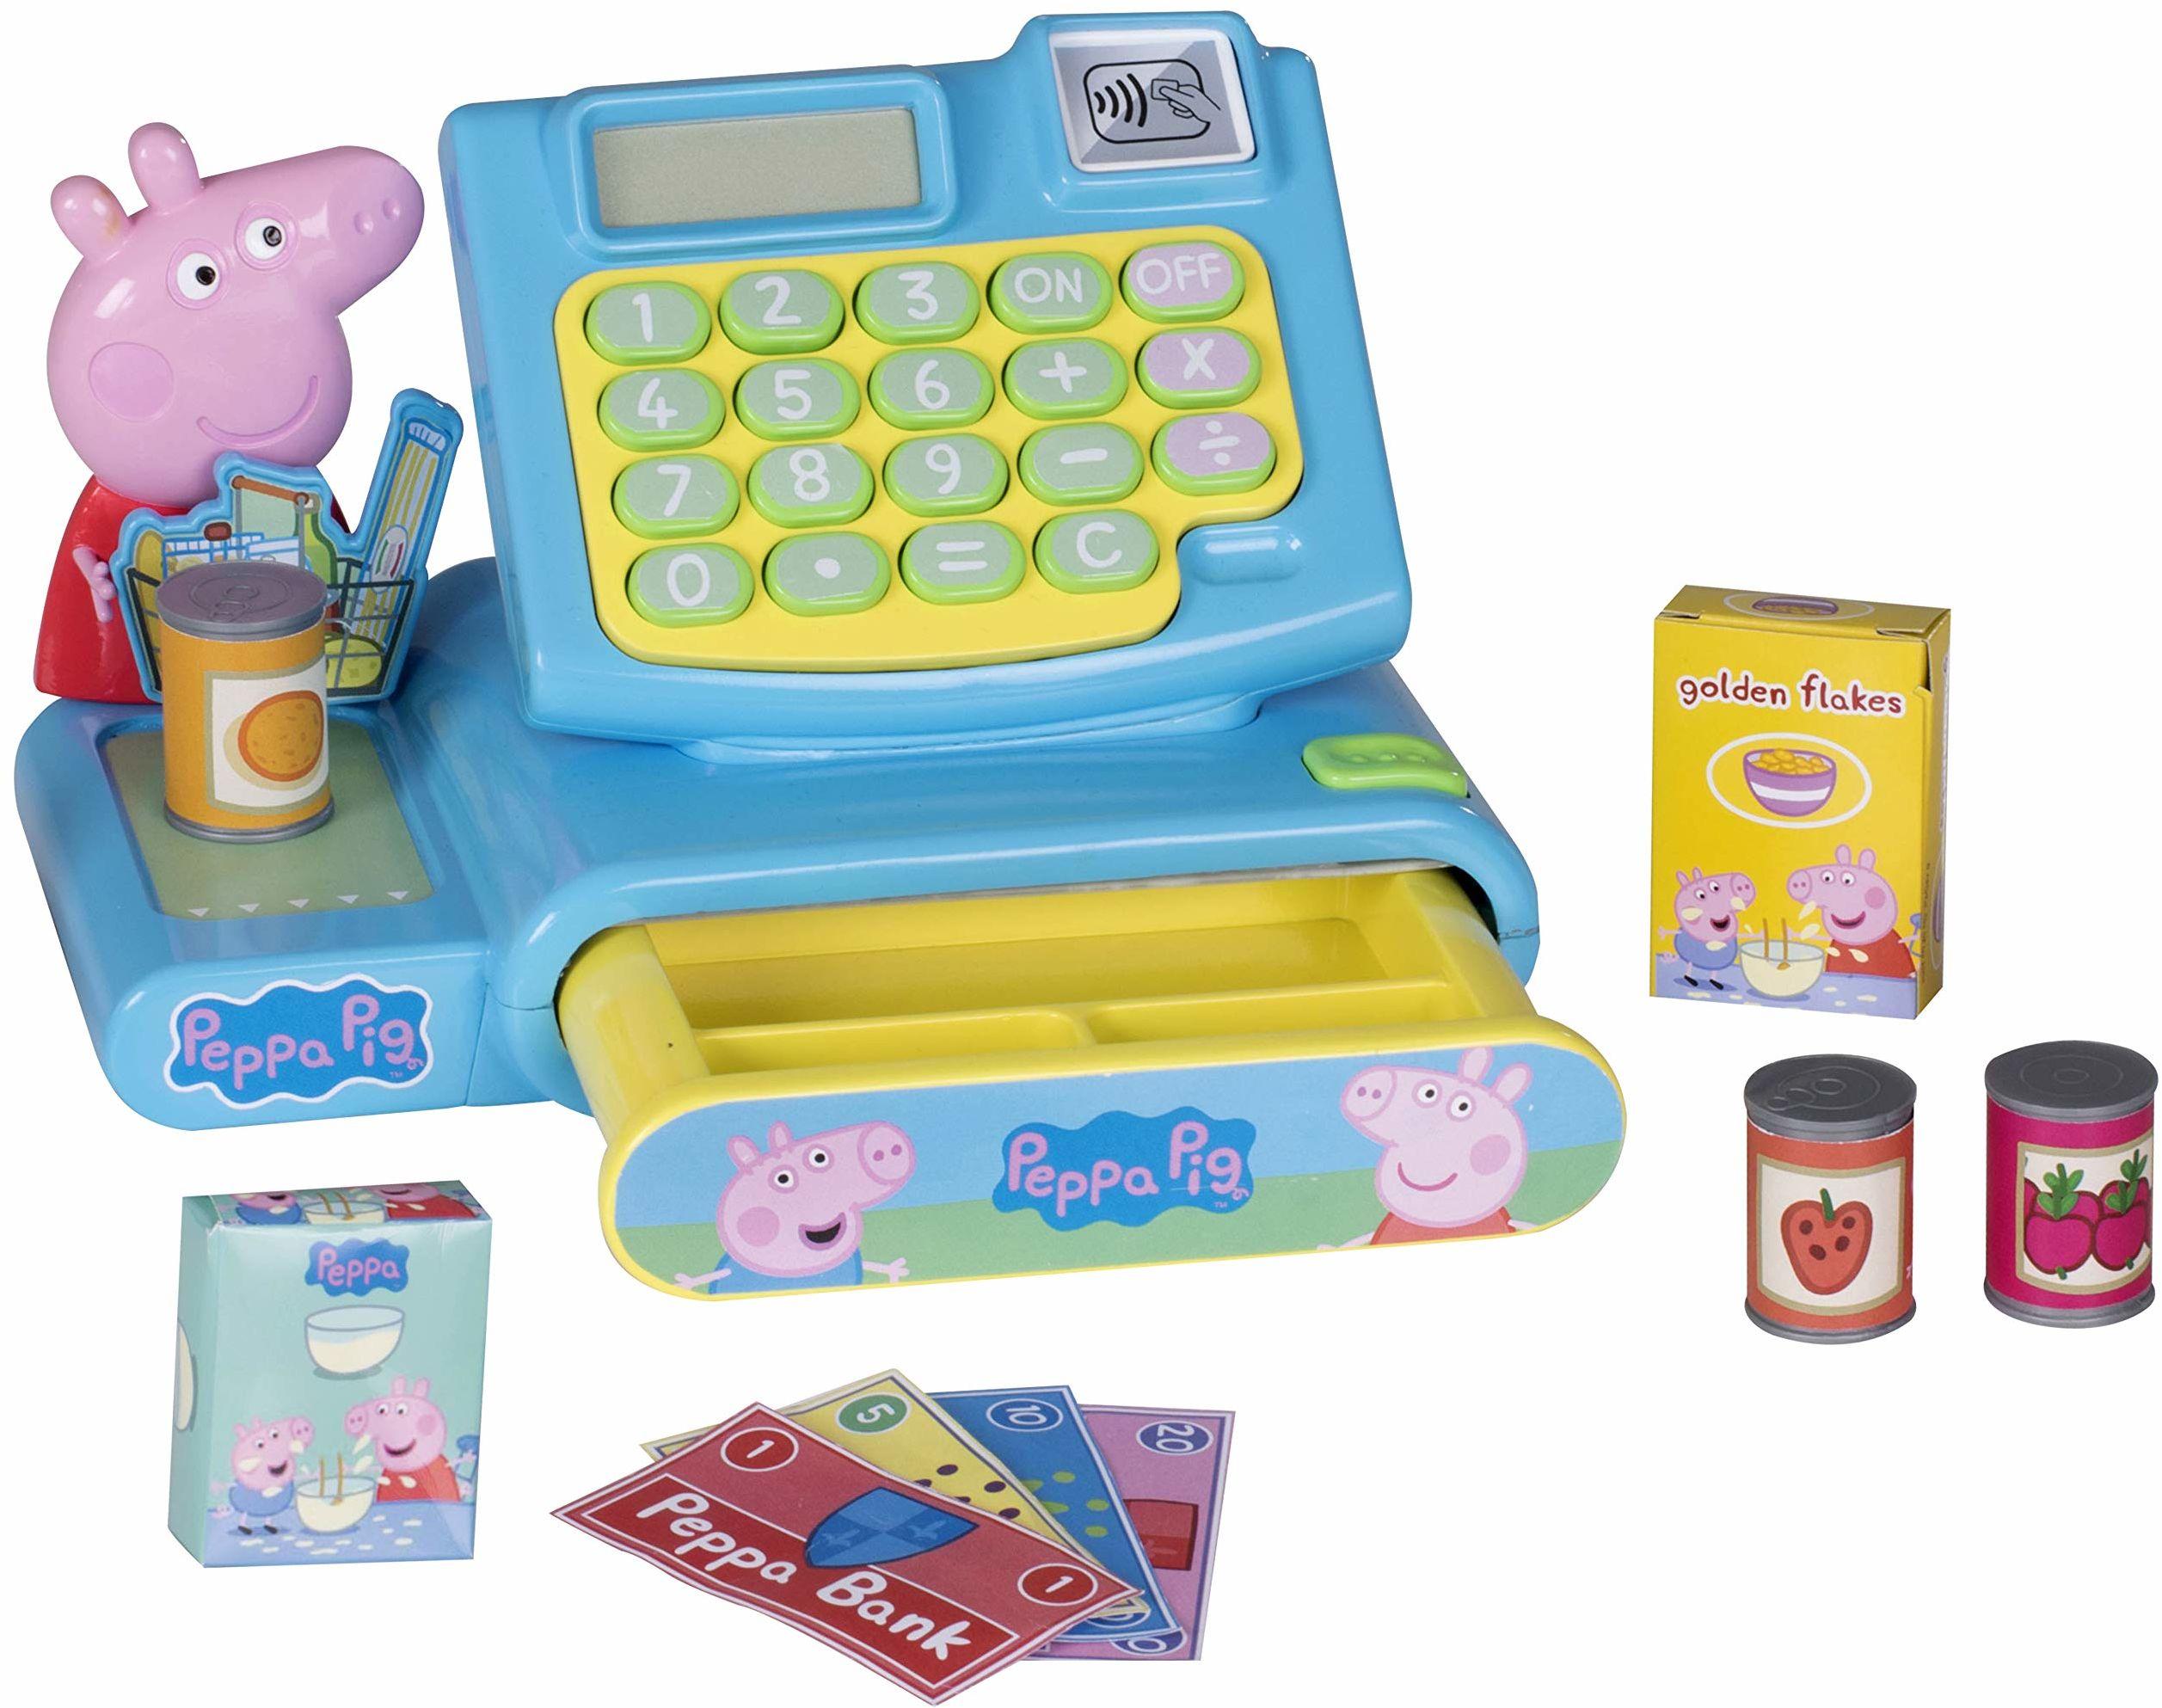 Peppa świnka zestaw zabawkowy kasy udawaj pieniądze maszyna i żywność spożywcza zestaw do zabawy dla chłopców i dziewcząt